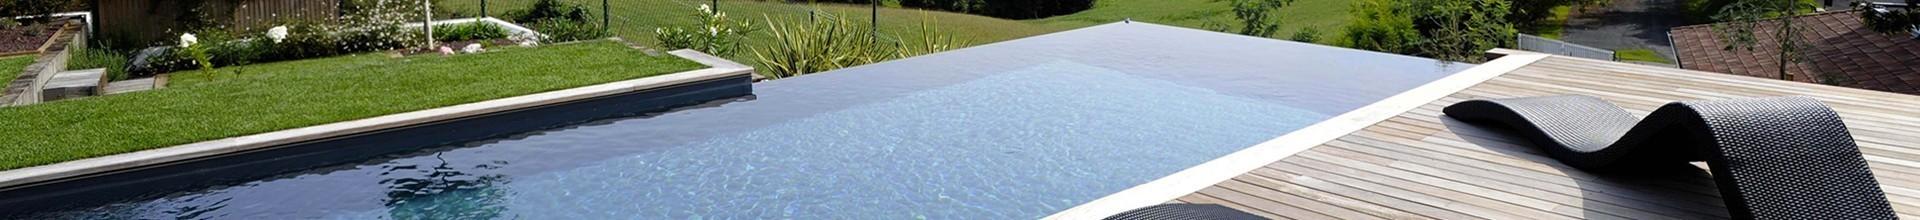 ✅  Auvergne Loire Fabricant d'une piscine révolutionnaire et innovante